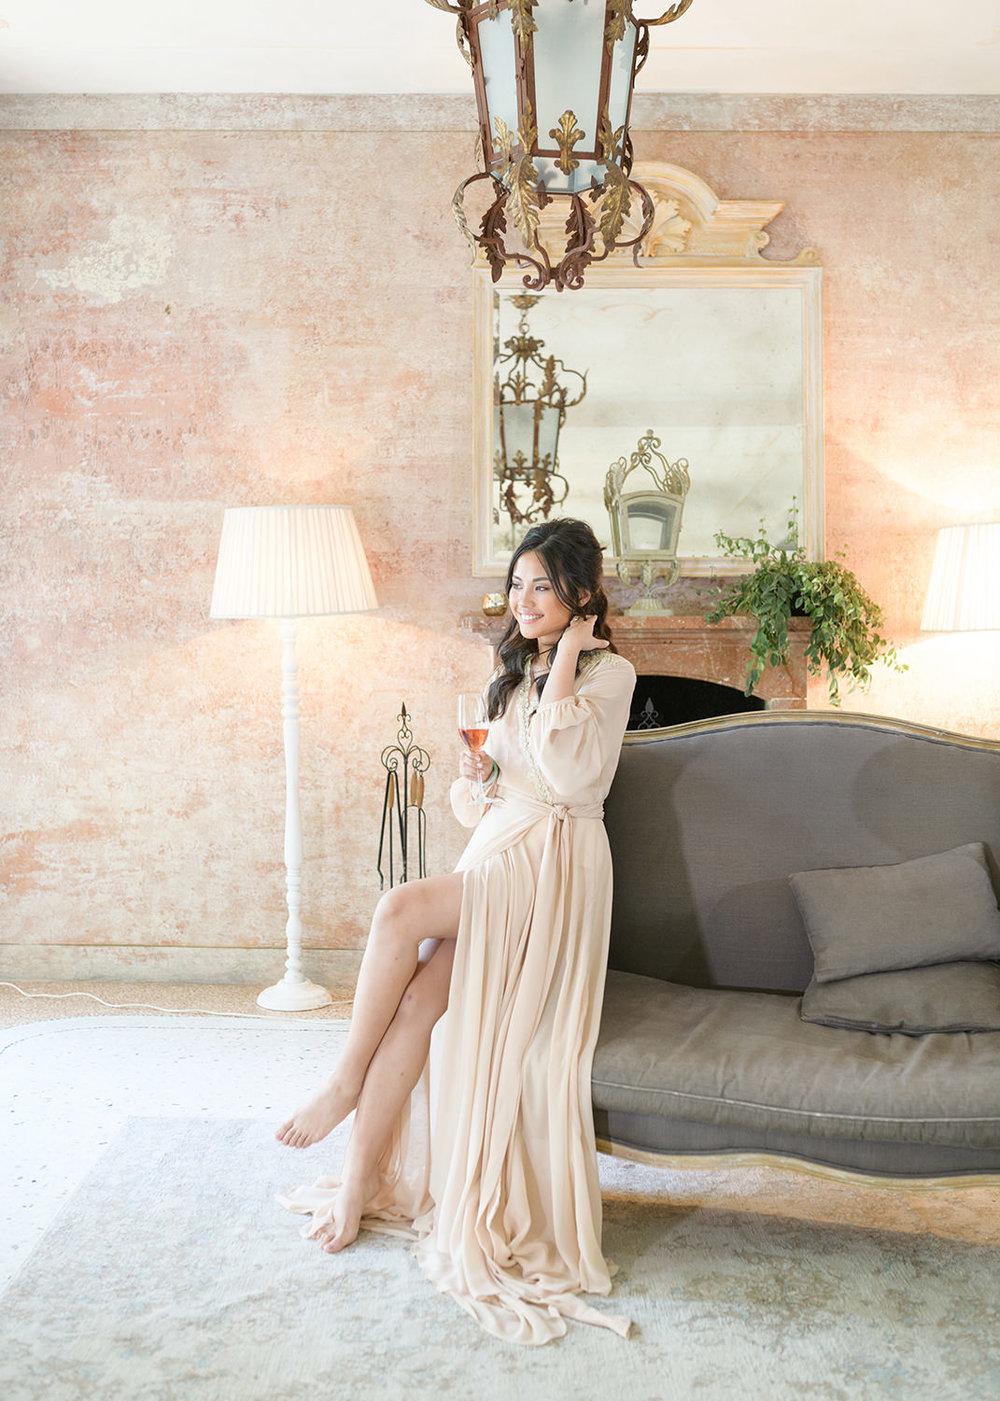 villa-regina-teodolinda-wedding-photographer-C&B-©bottega53-38.JPG